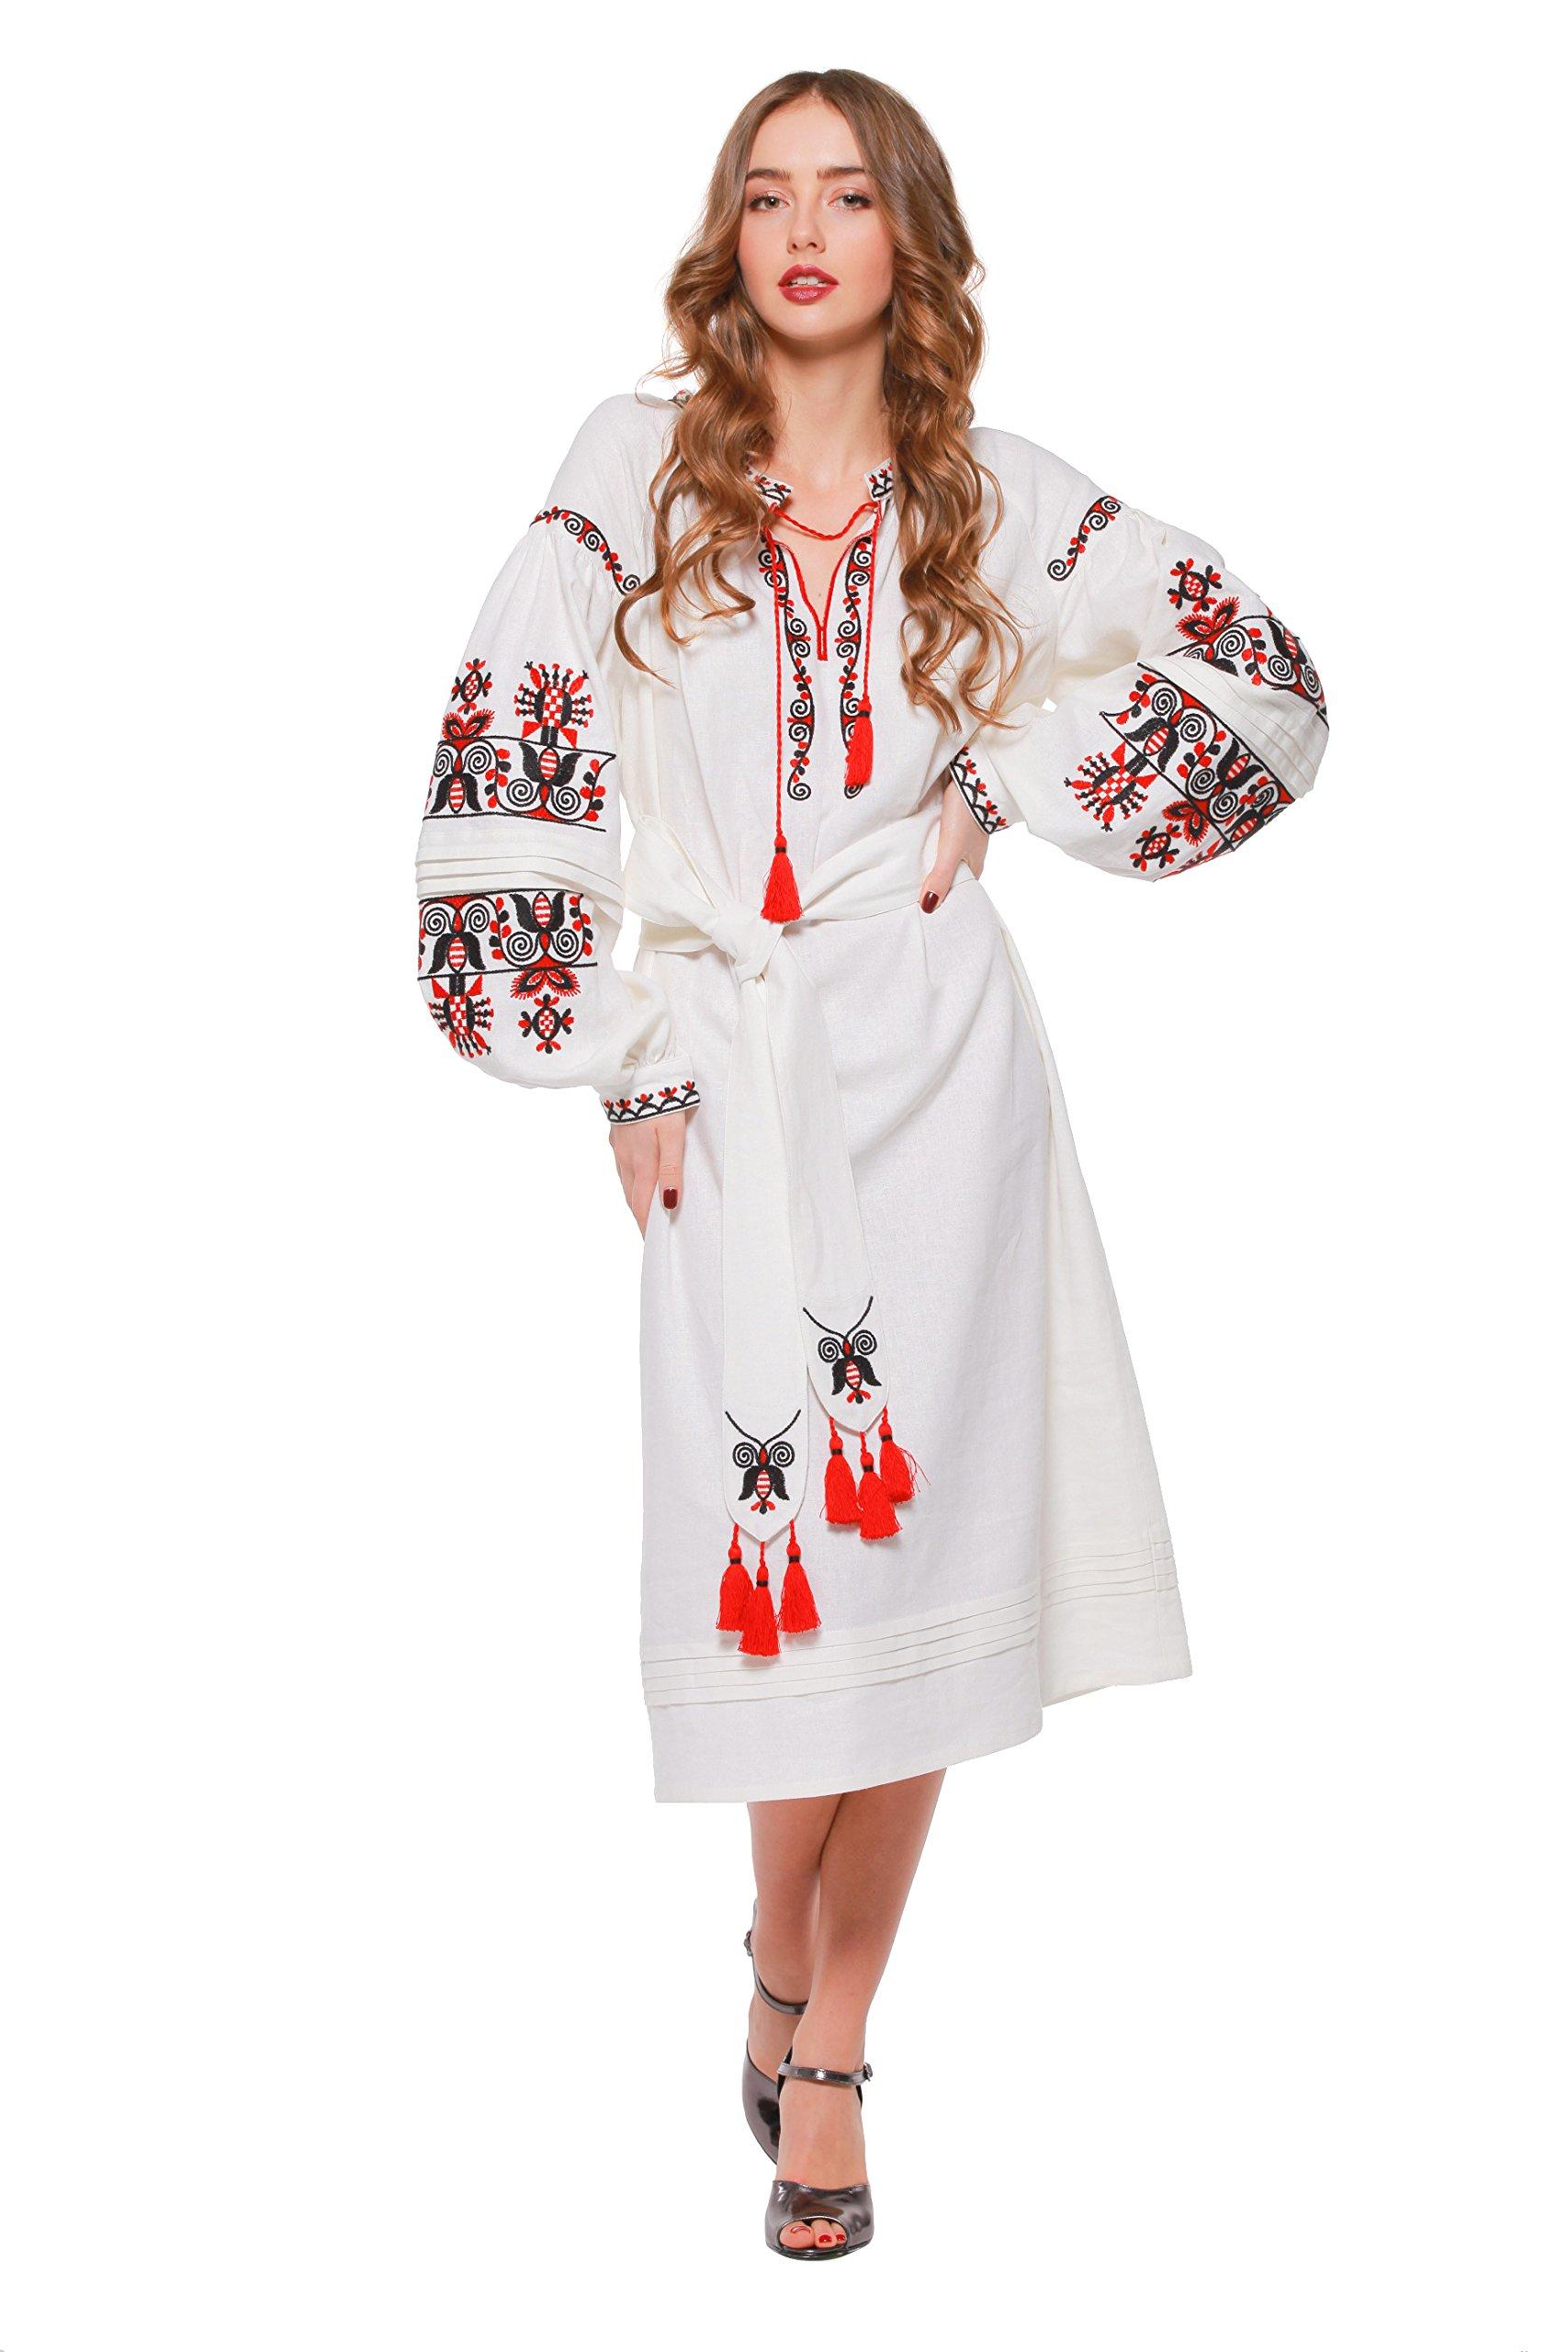 2 Kolyory Embroidered Long White Woman Dress.Vyshyvanka Ukrainian Boho Style Dress (XL)